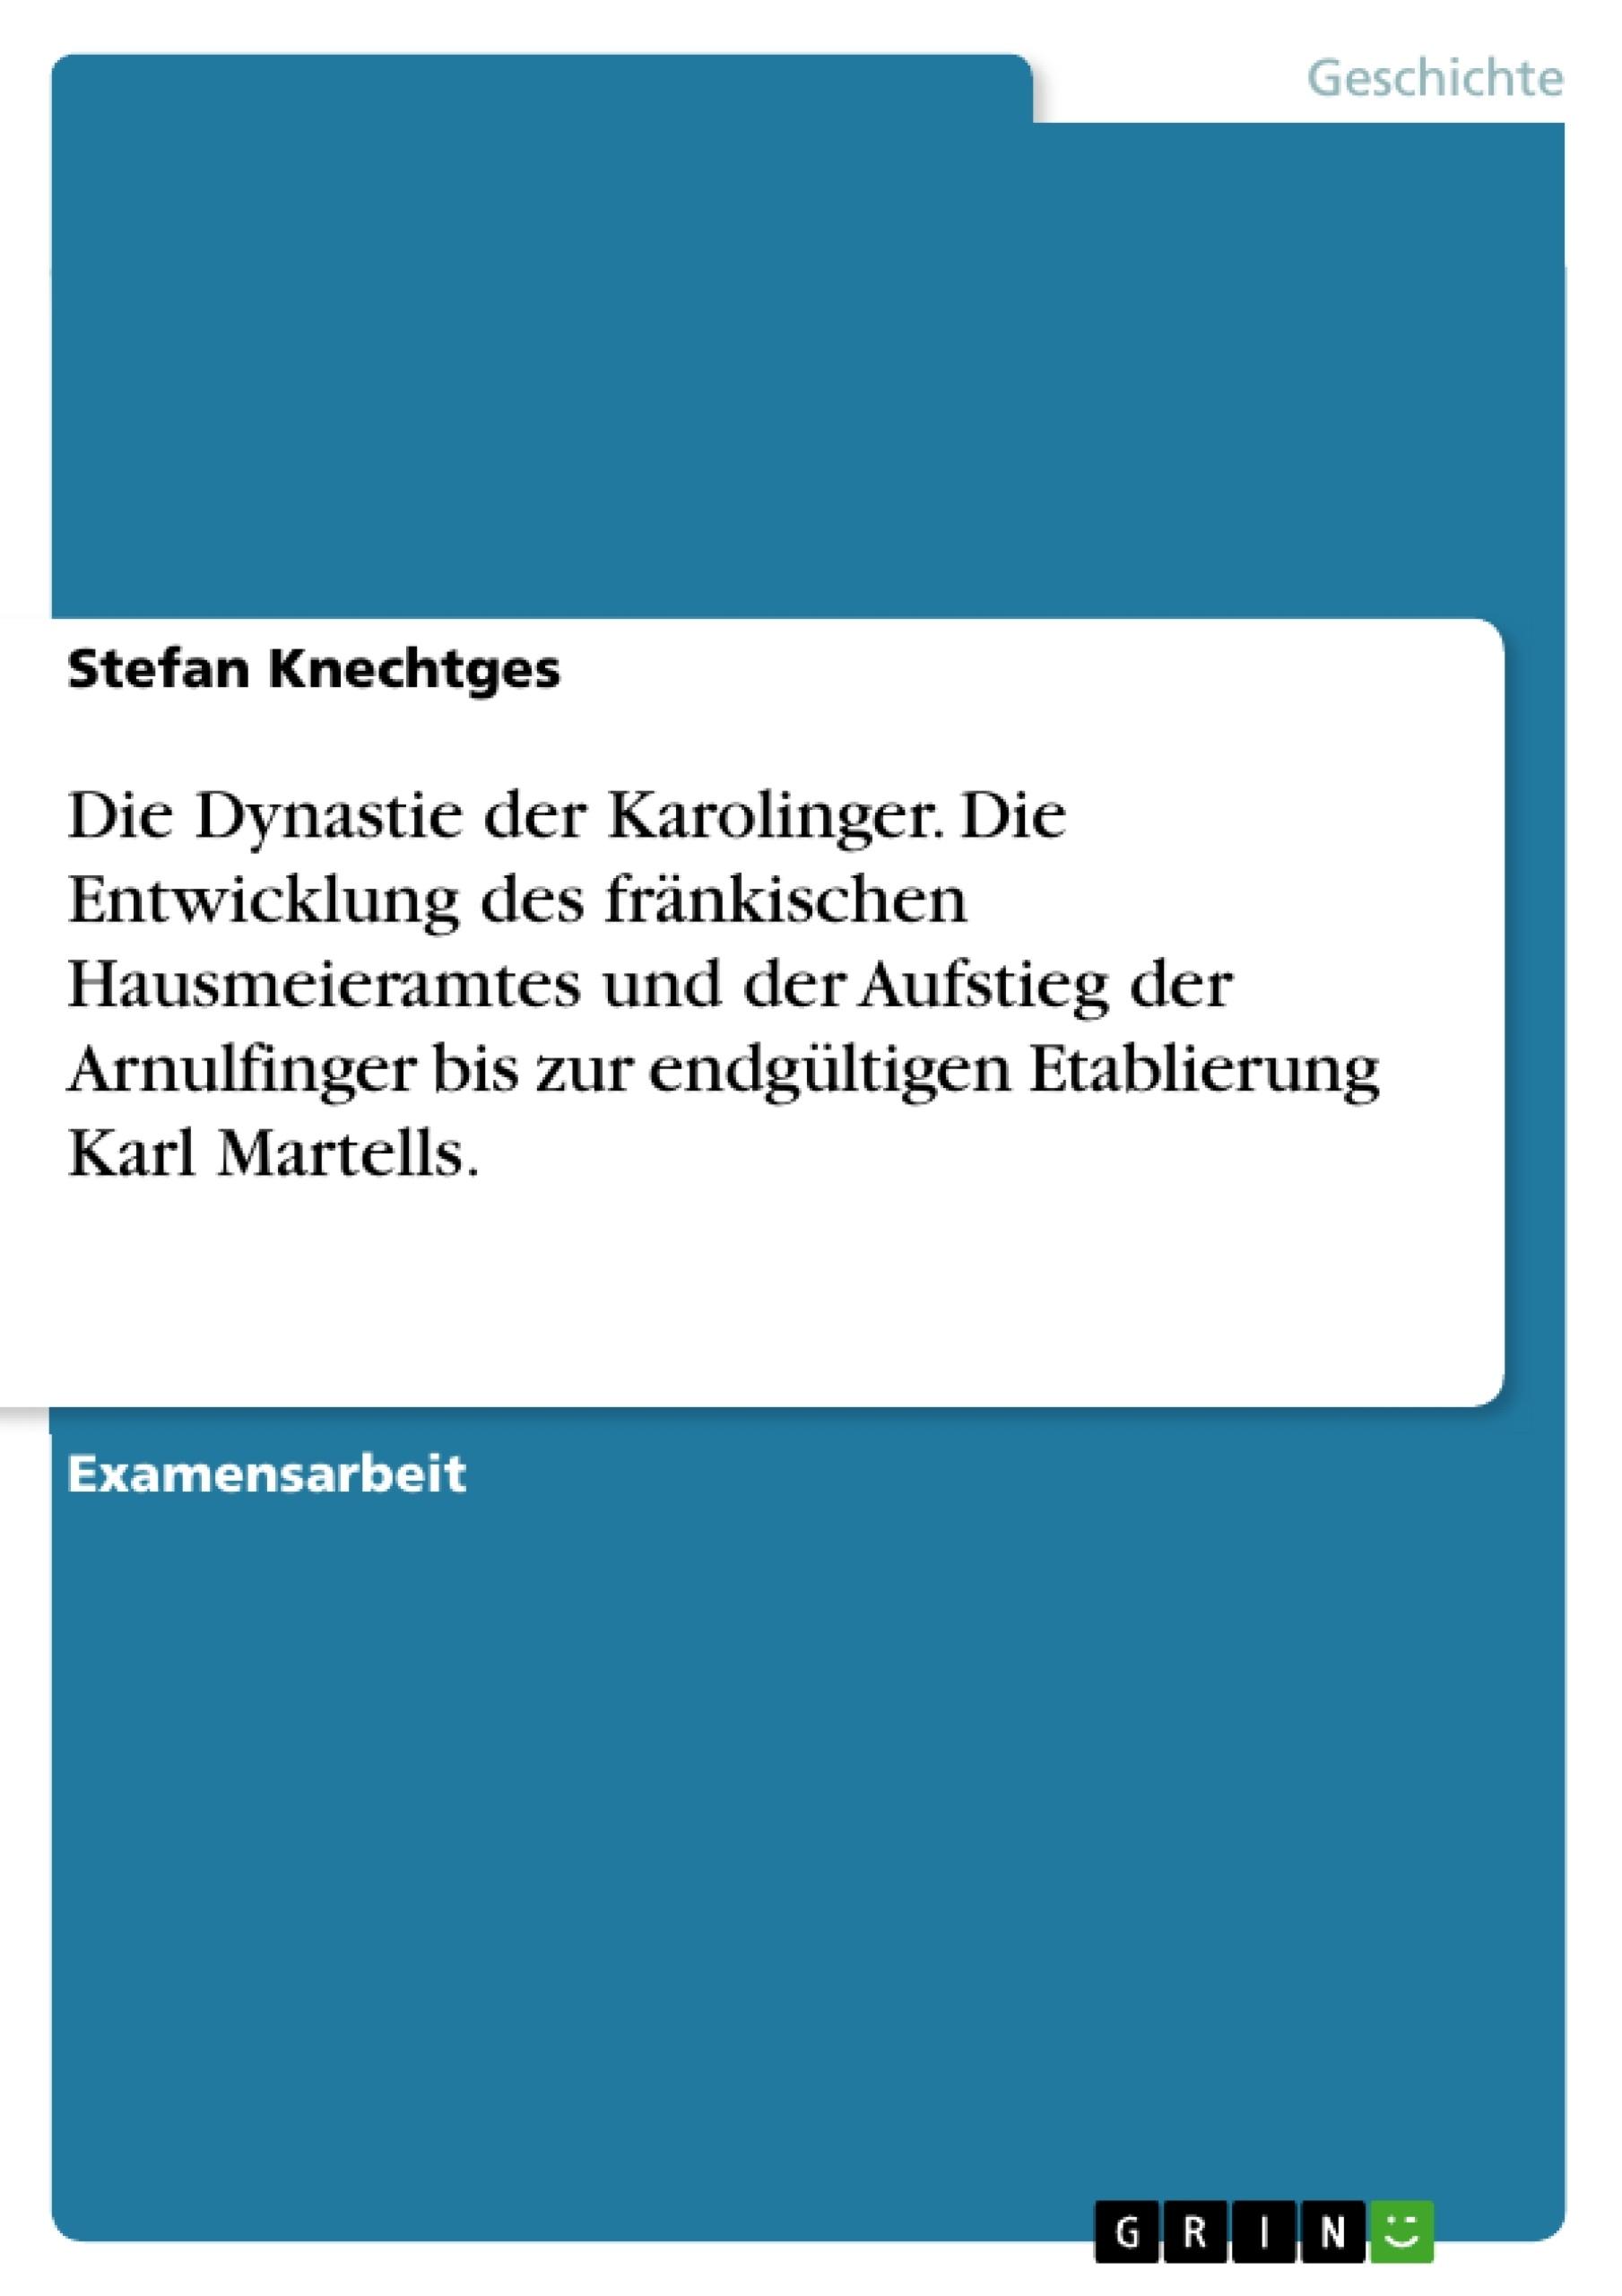 Titel: Die Dynastie der Karolinger. Die Entwicklung des fränkischen Hausmeieramtes und der Aufstieg der Arnulfinger bis zur endgültigen Etablierung Karl Martells.